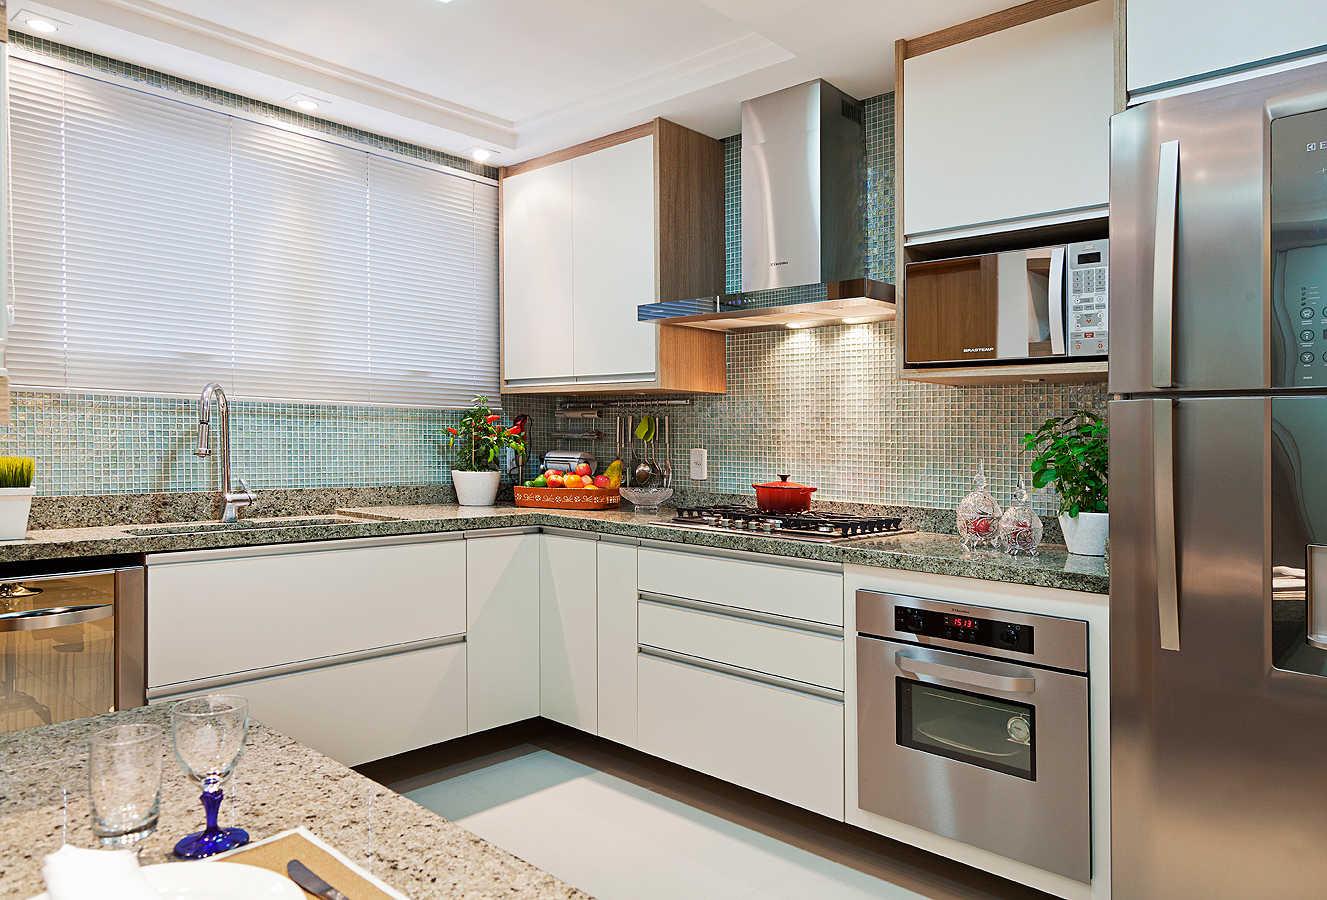 Nesta cozinha  de um casal aposentado, fizemos a  integração do quarto de serviço, abrindo espaço para uma despensa com portas de correr e uma pequena copa para refeições rápidas.